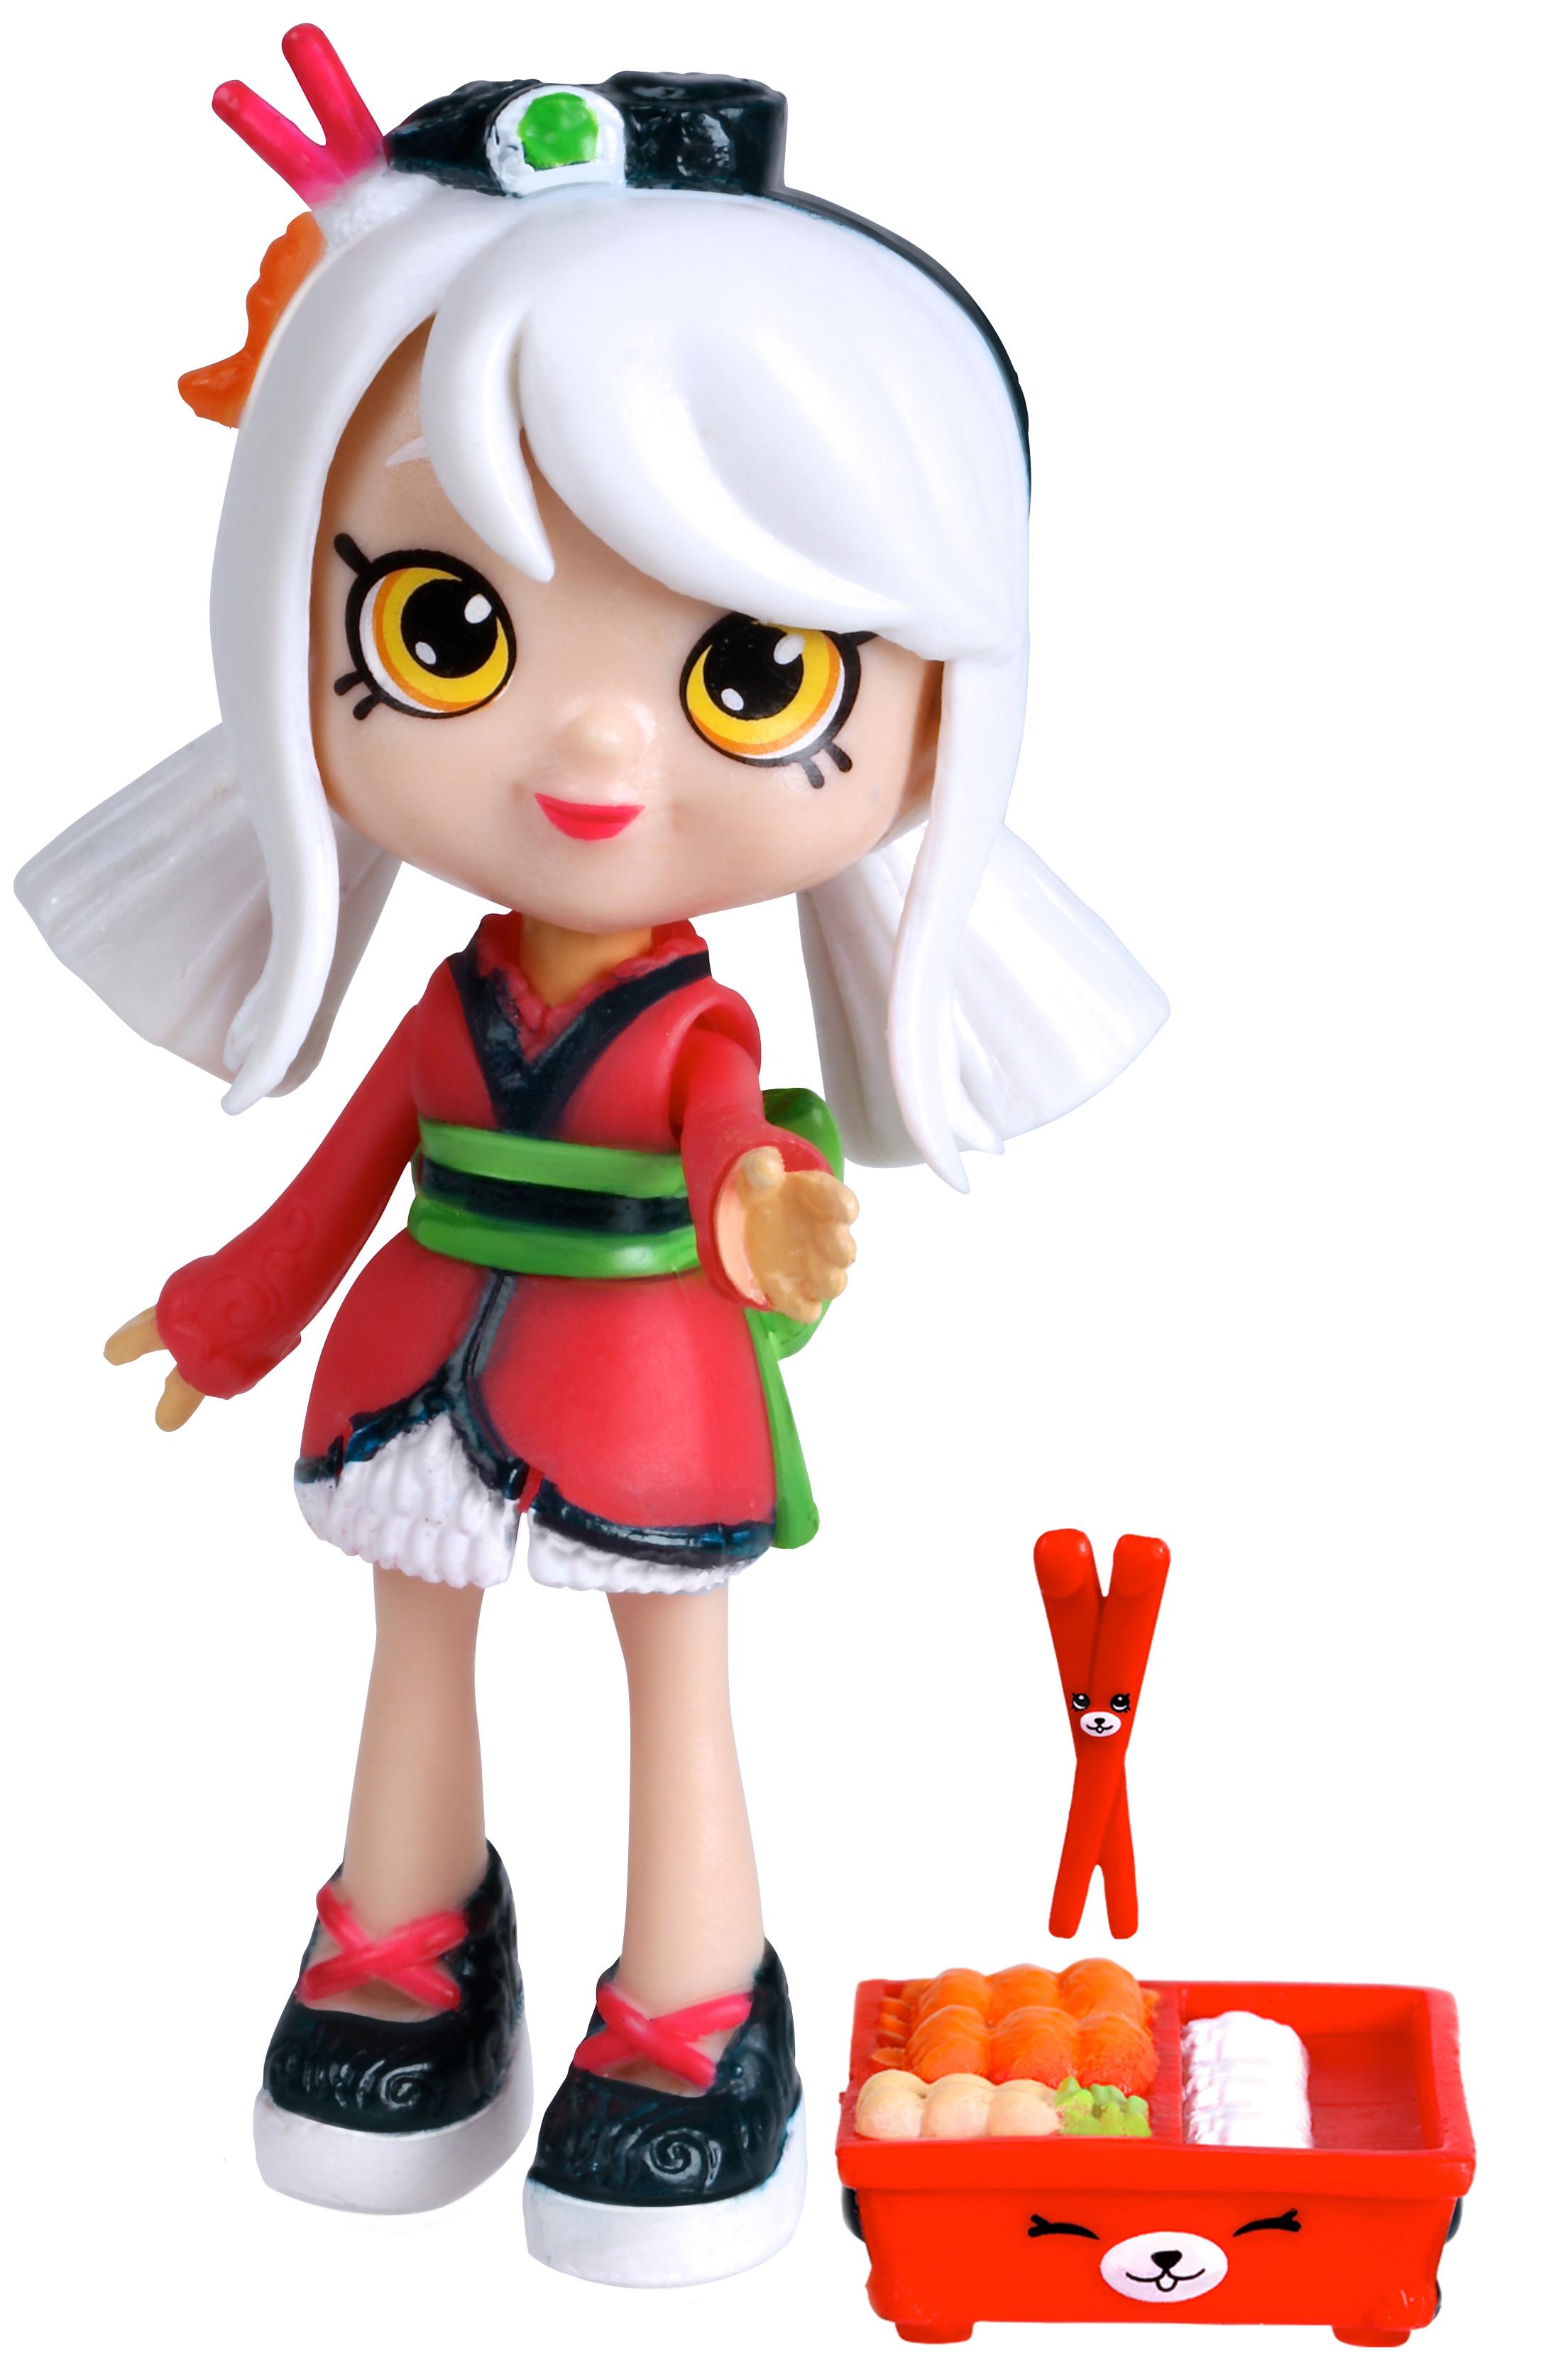 Shoppies Doll - Sara Sushi PartNumber: 004W009014949007P